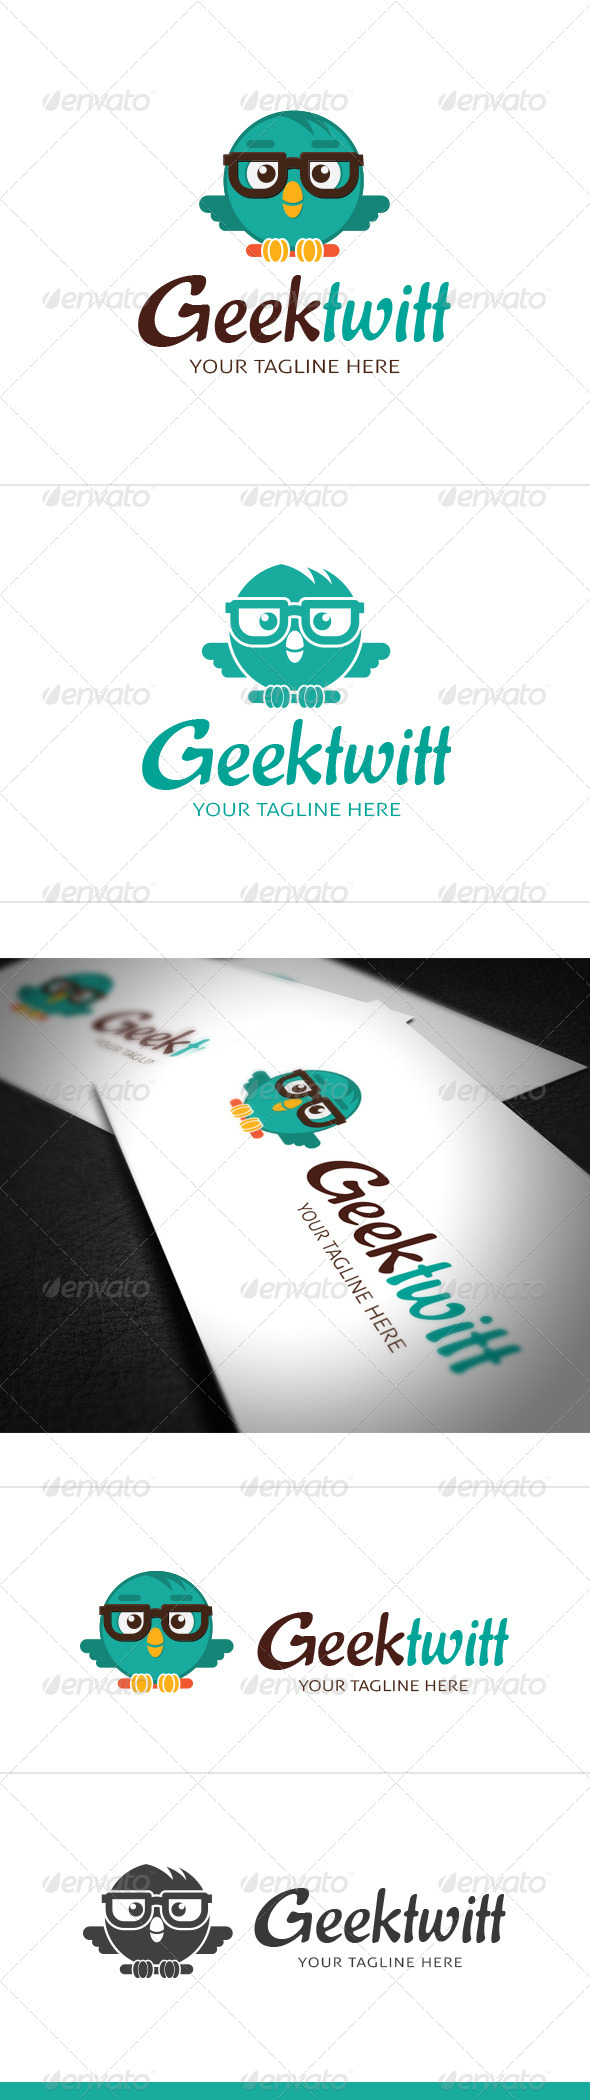 GraphicRiver Geek Twitt Logo Template 8018662